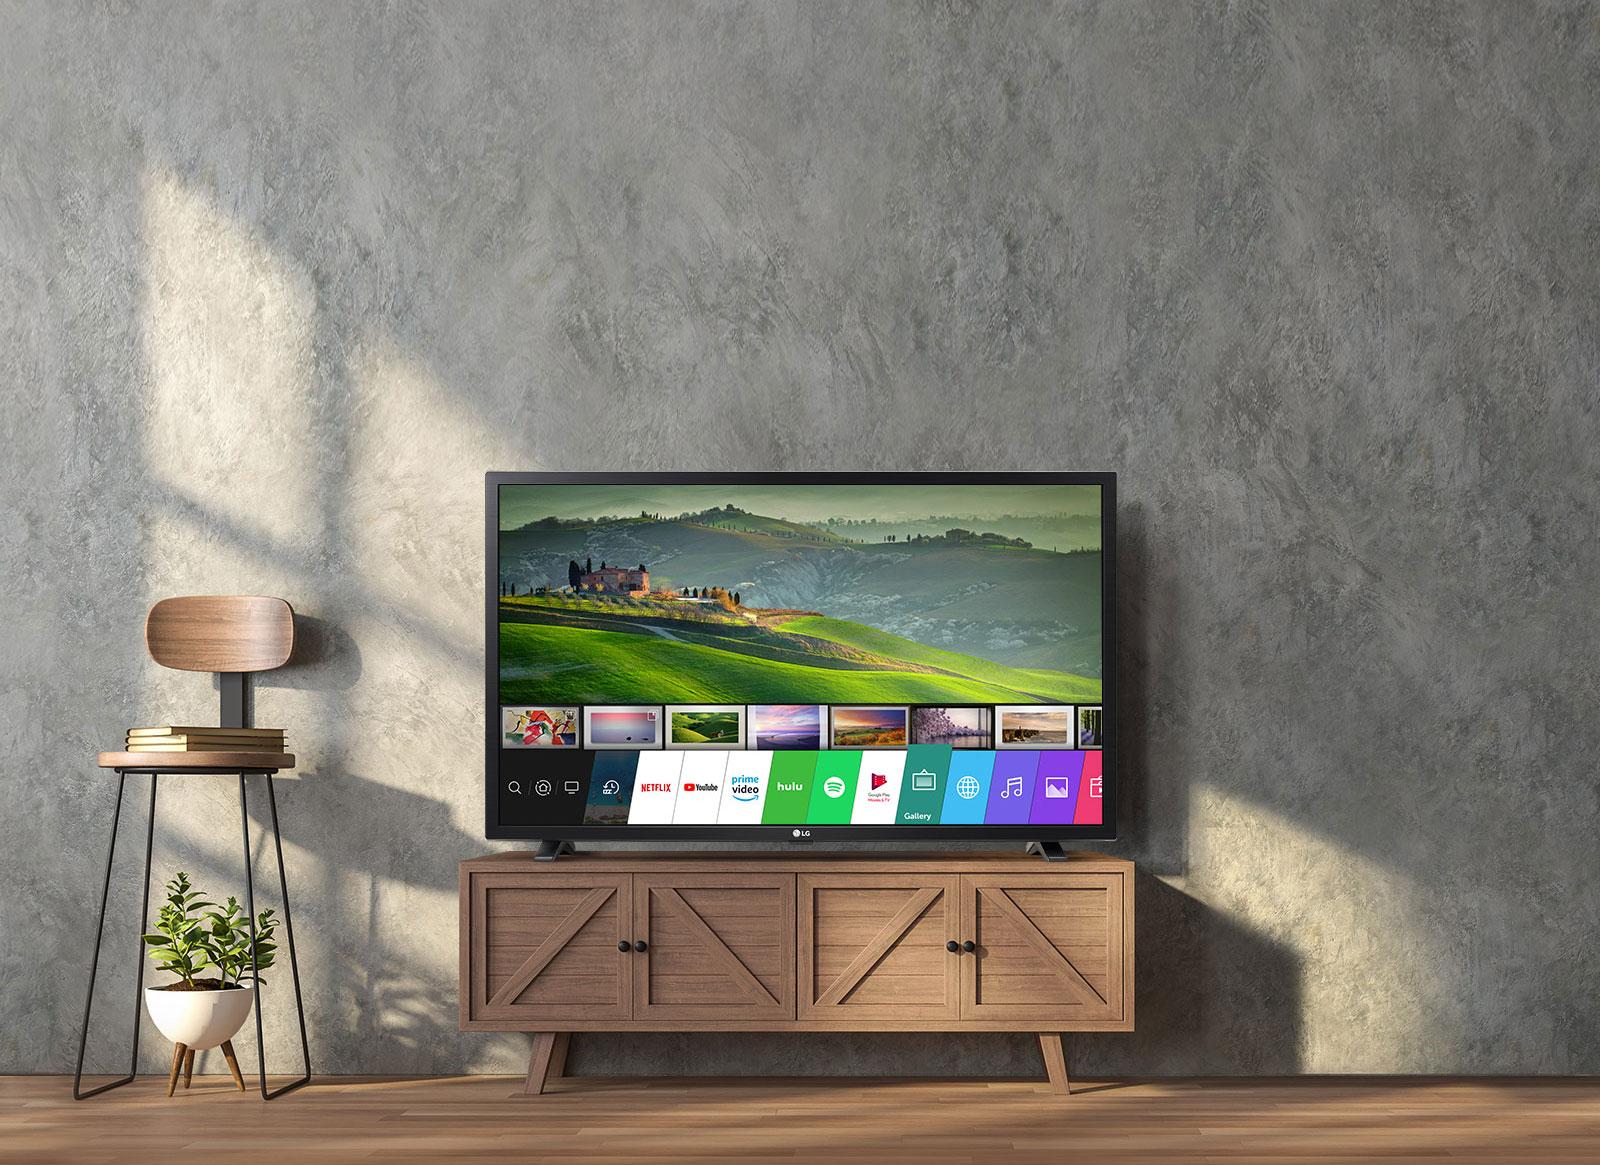 TV-FHD-43-LM57-08-webOS-Smart-TV-Desktop_v